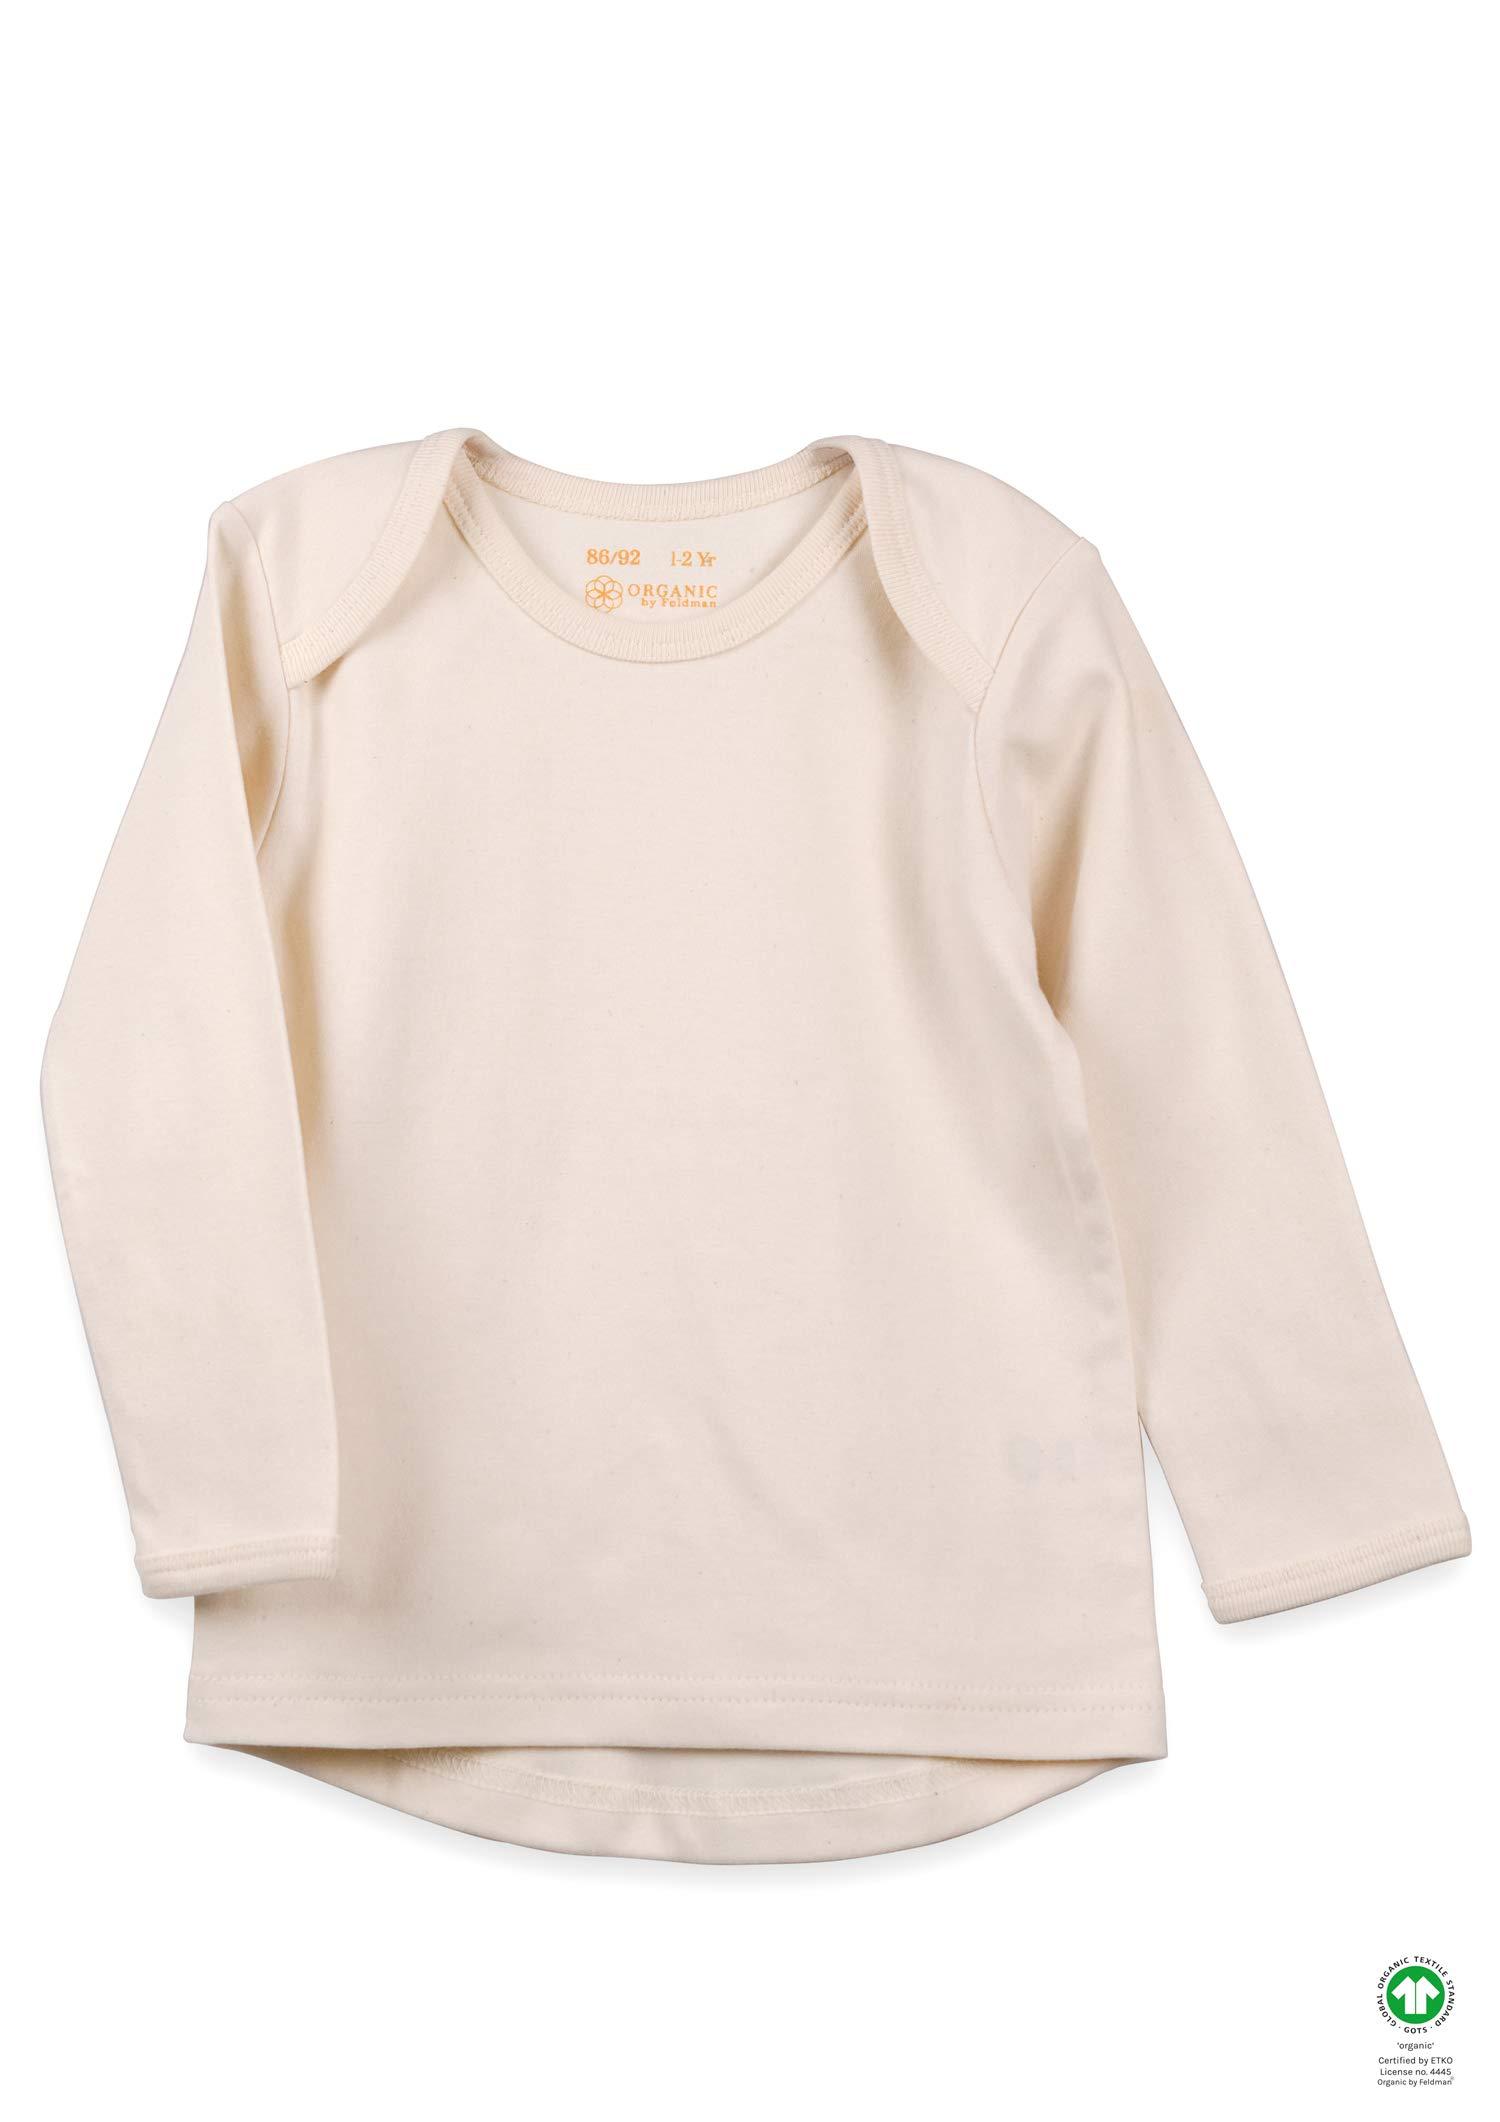 Camiseta de manga larga Organic by Feldman, 100% algodón orgánico, certificado GOTS, con cuello elástico, dobladillo… 1